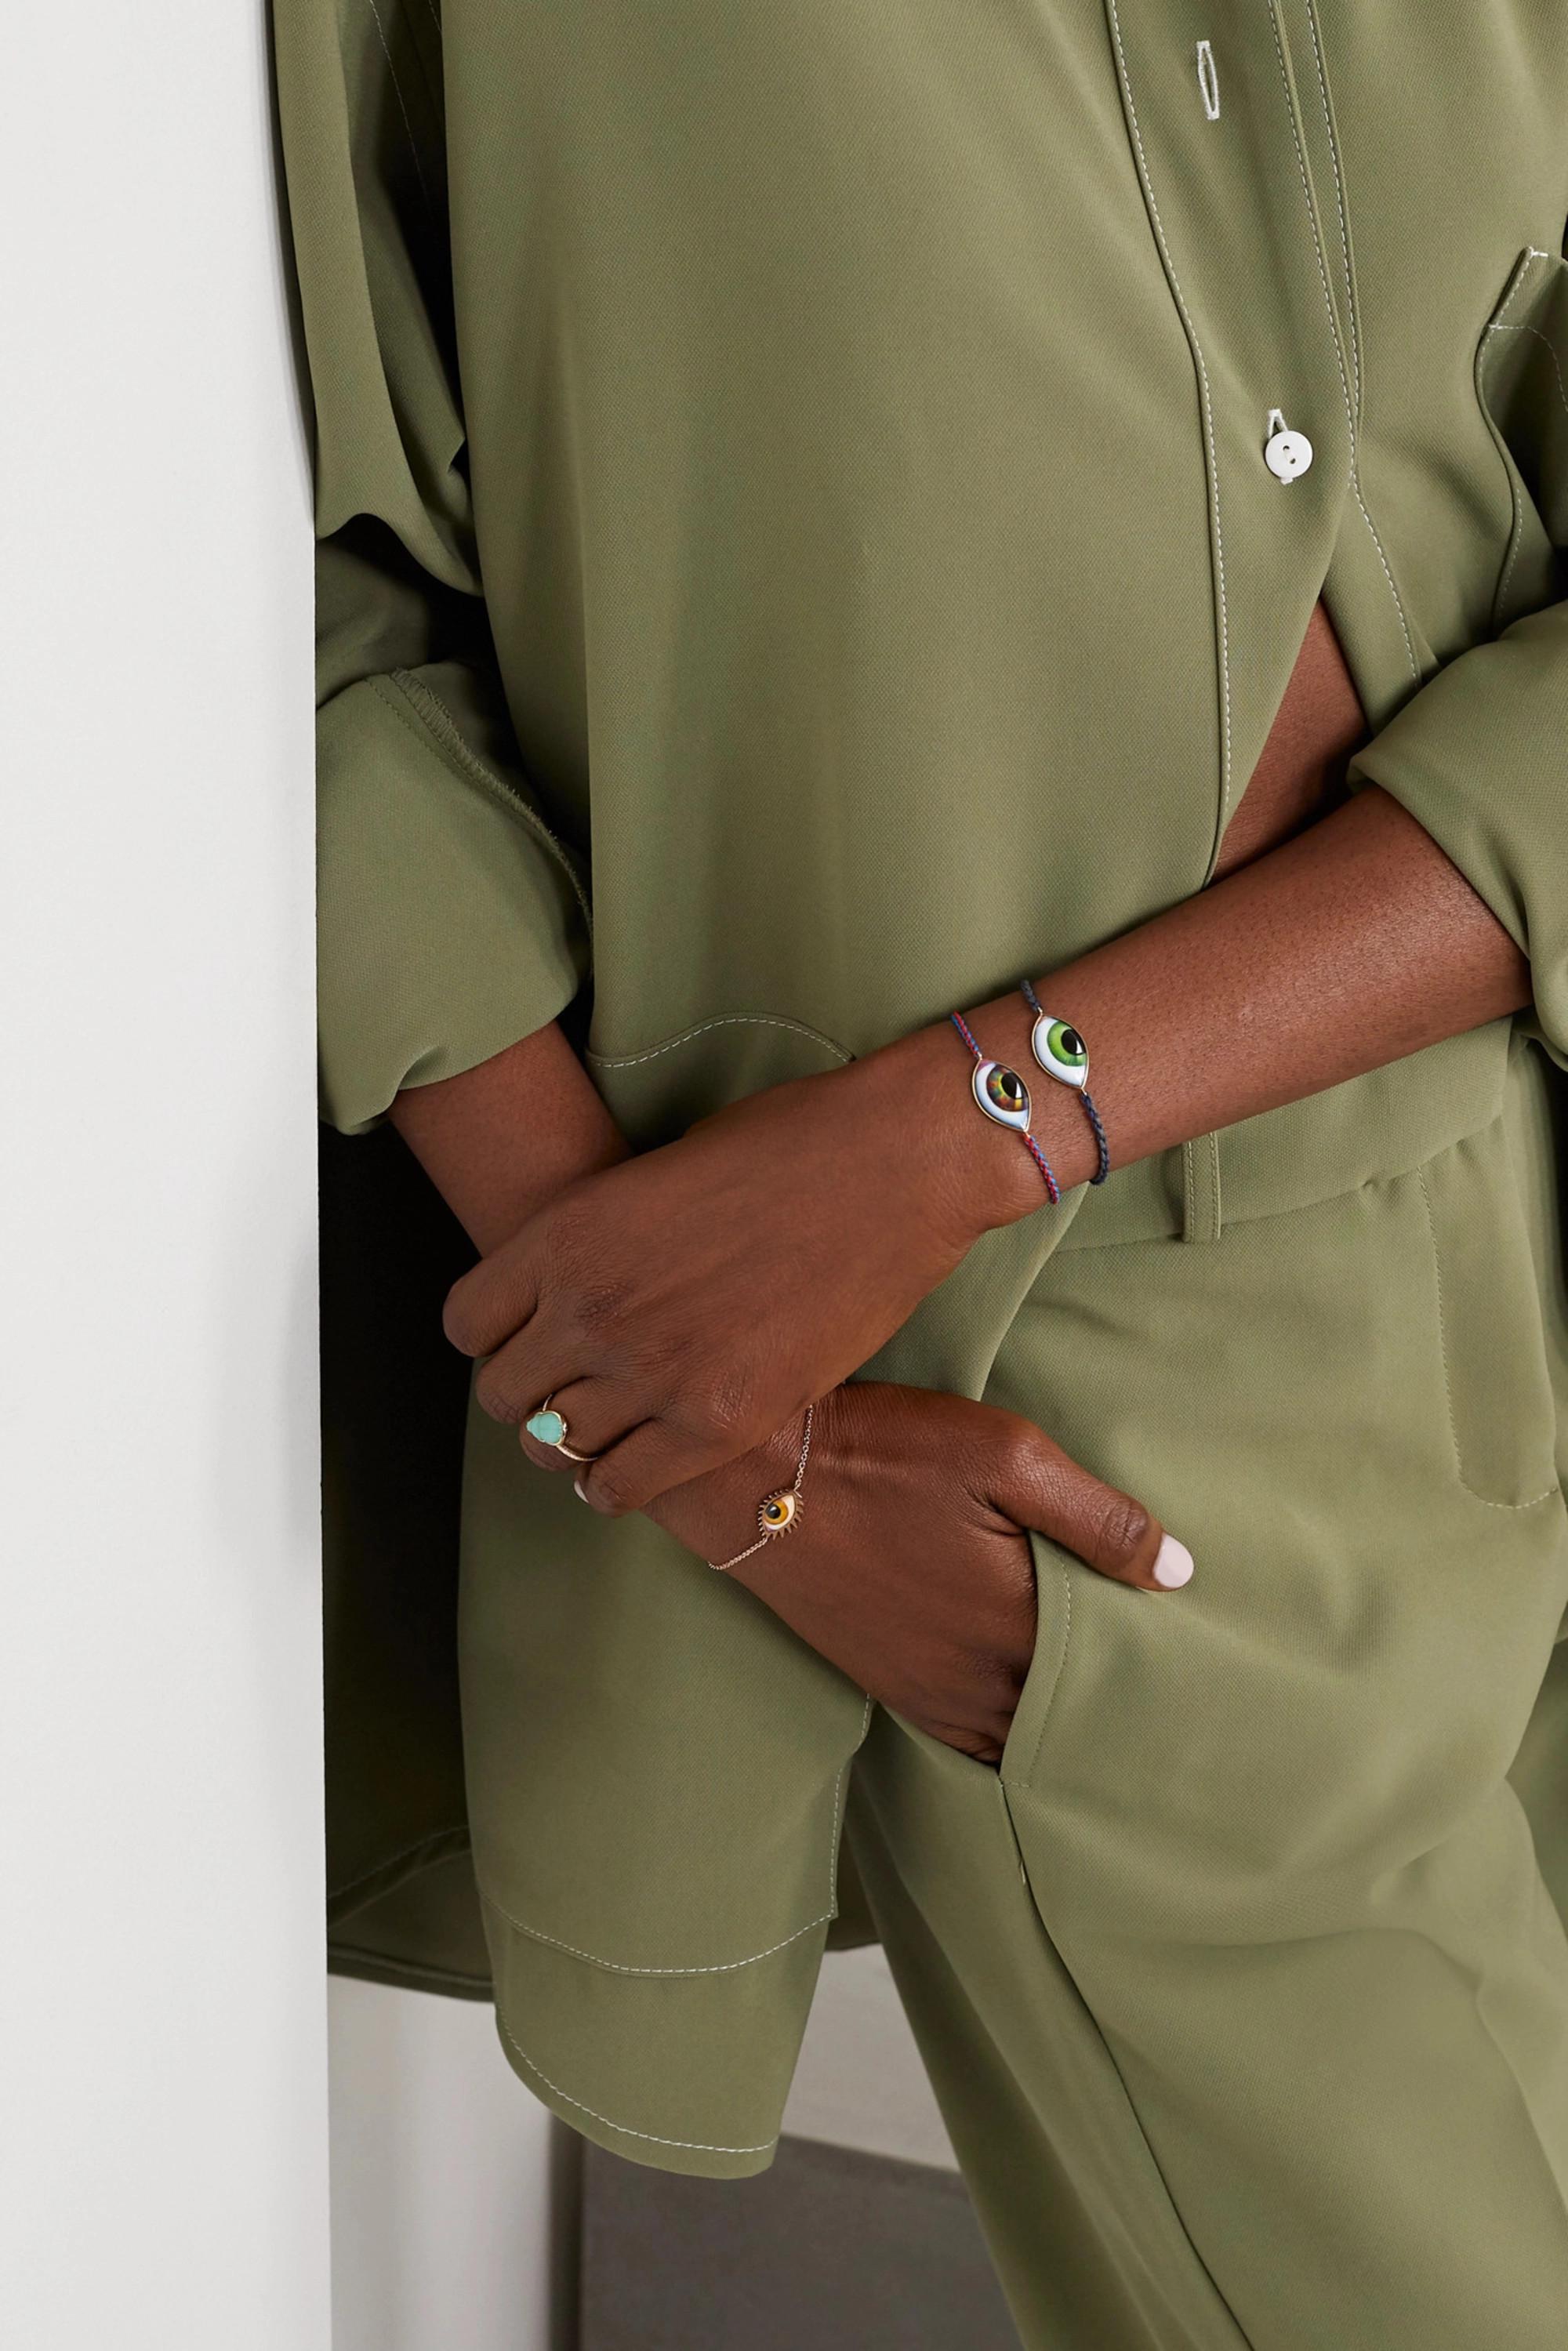 Lito Bracelet en or 14 carats (585/1000), macramé et émail Tu Es Partout